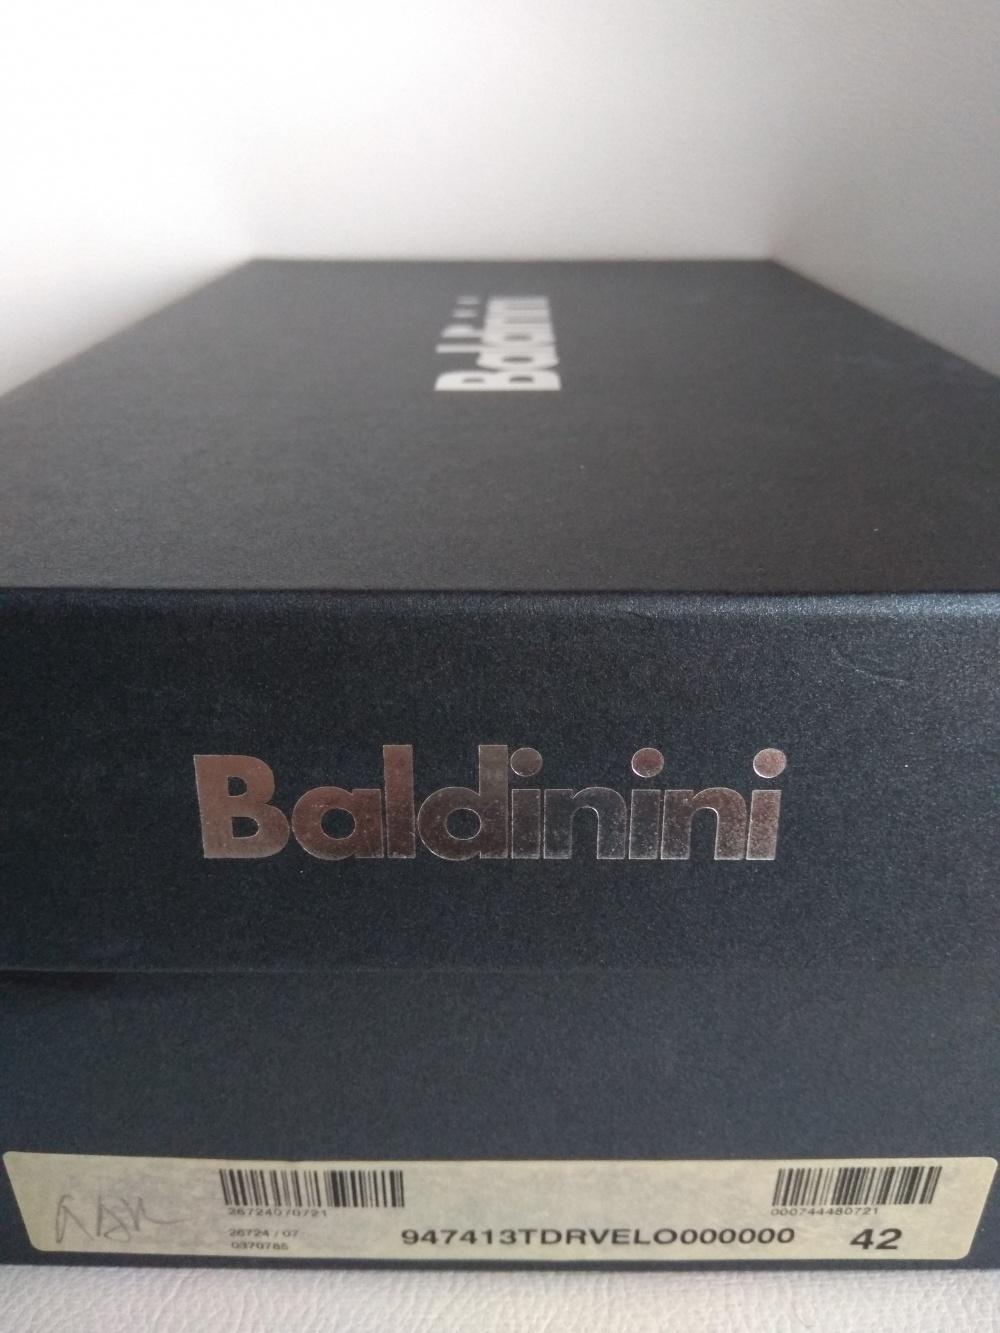 Кроссовки Baldinini, размер 42 (евро) = 27-27,5 см